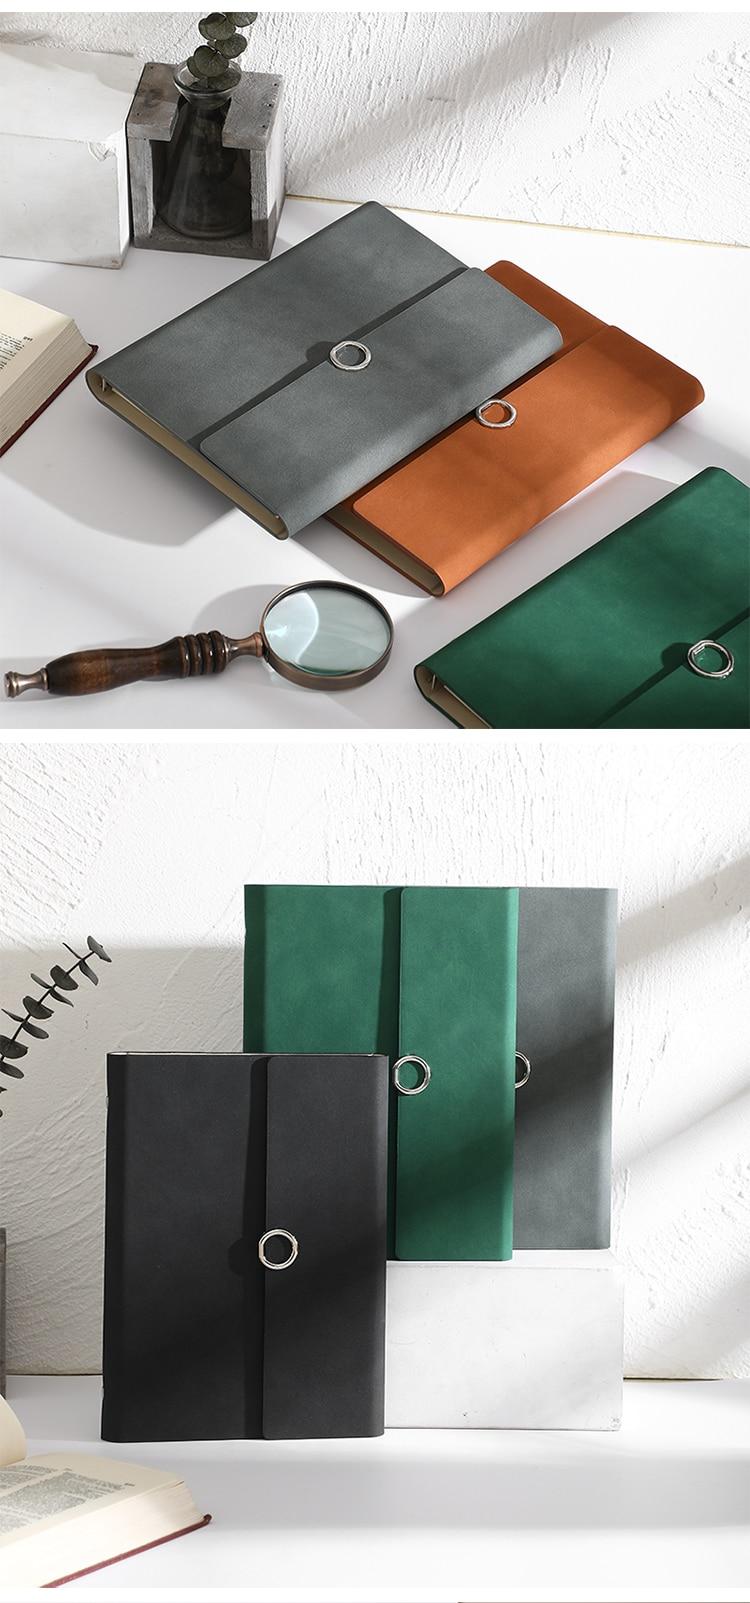 MINKYS-Cuaderno de negocios de cuero PU A5, hojas sueltas, Agenda, papel rellenable, papelería escolar creativa